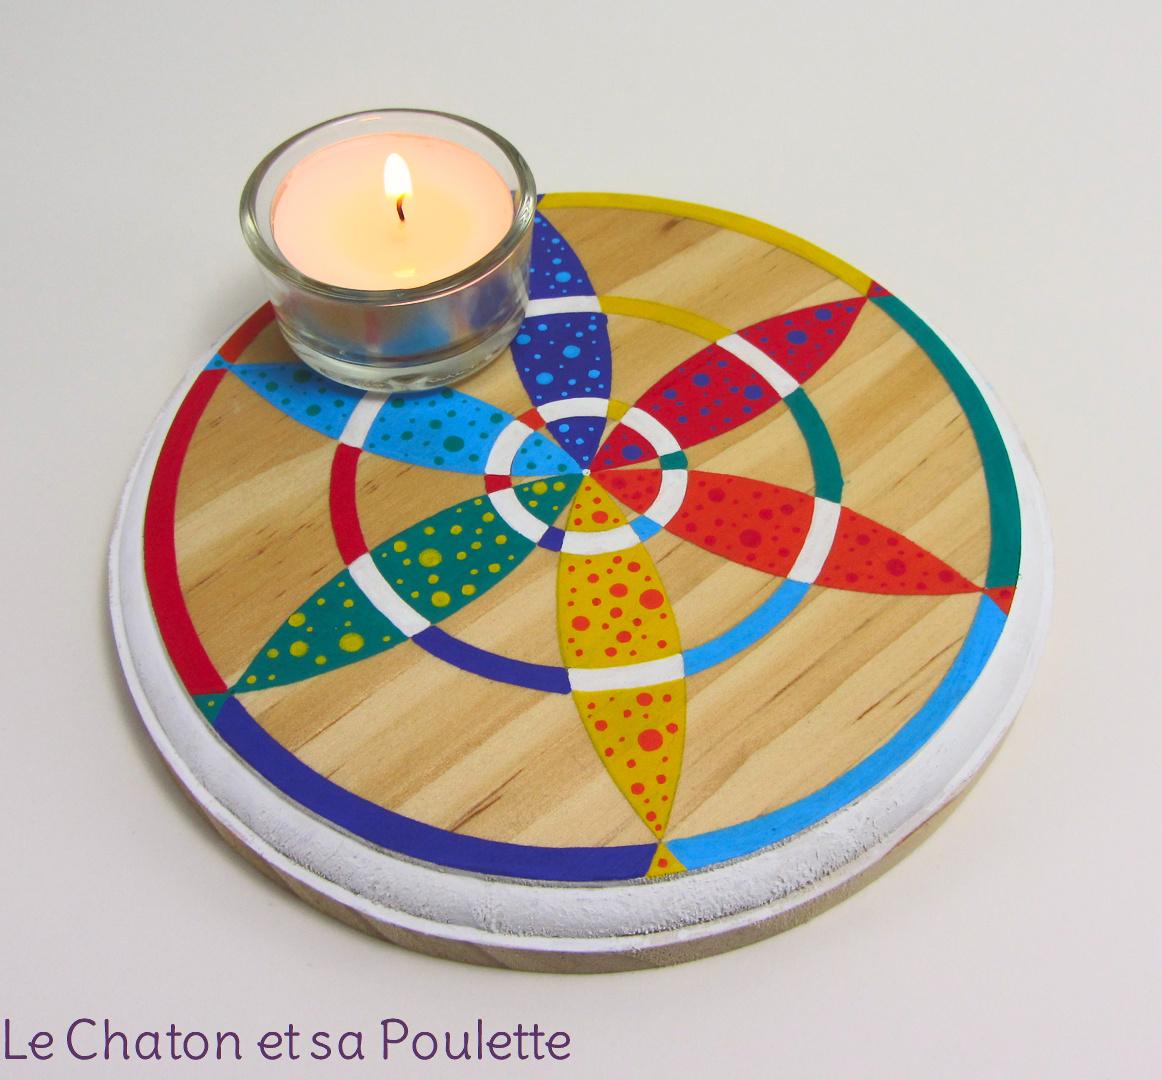 VENDU - Photophore CIBLE ÉTOILÉE (rouge/orange/jaune/vert/bleu/violet et blanc) - Le chaton et sa Poulette